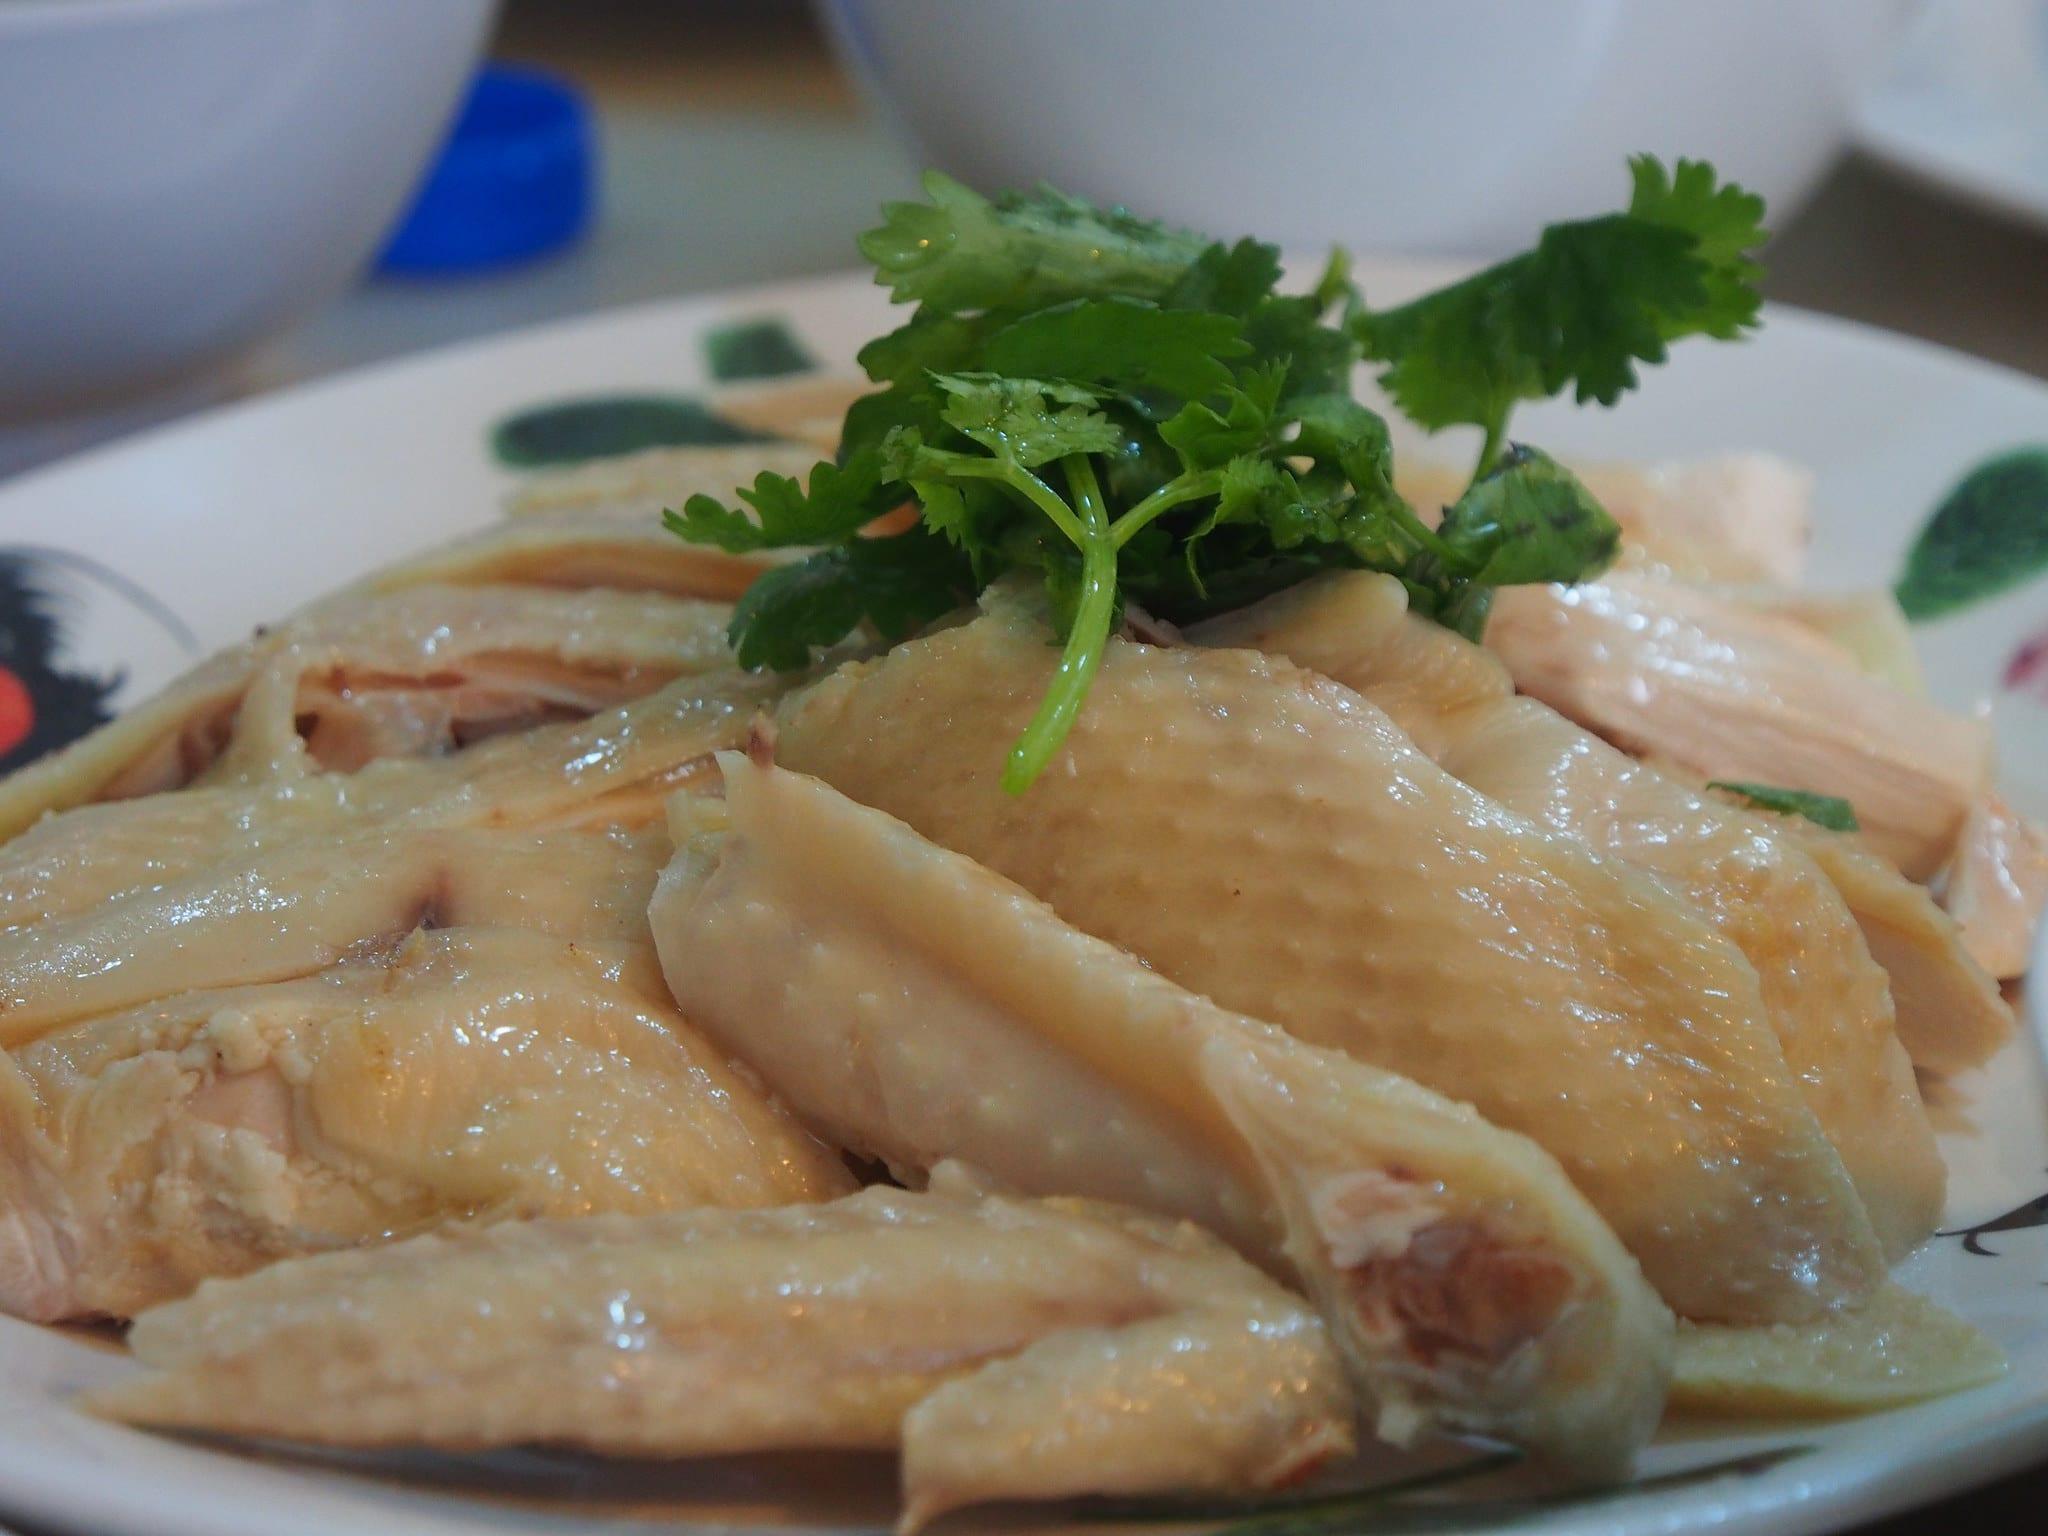 อาหารวันตรุษจีน ตรุษจีน 2019 สูตรมงคลอาหารไหว้ตรุษจีน อาหารมงคลตรุษจีน